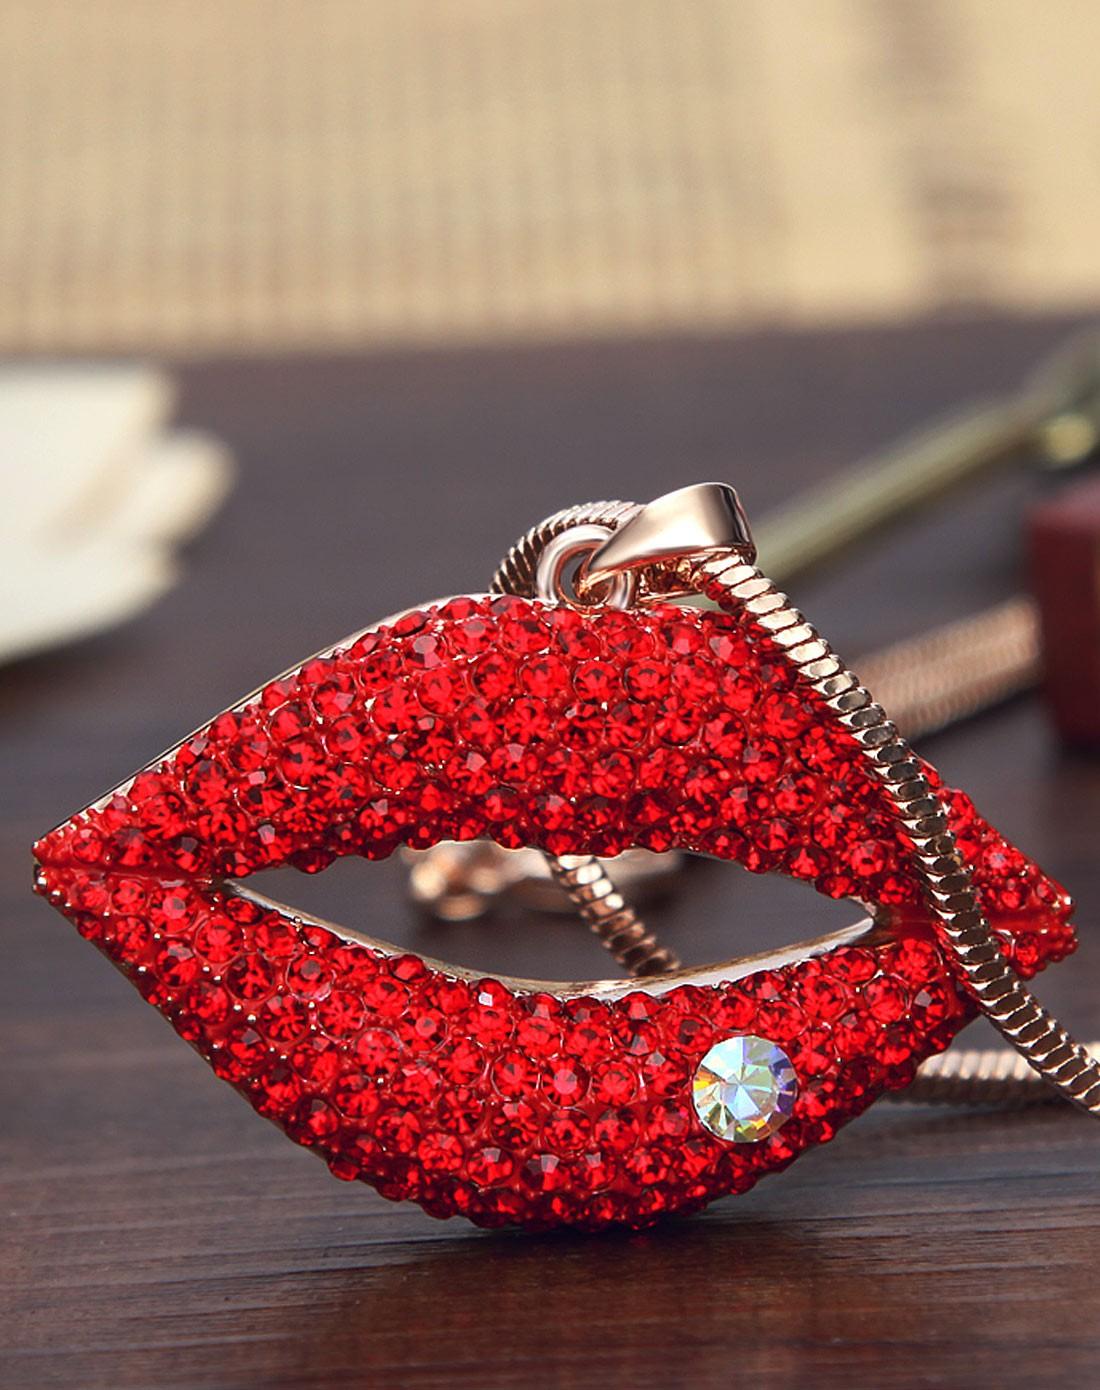 复古大红唇时尚吊饰毛衣链